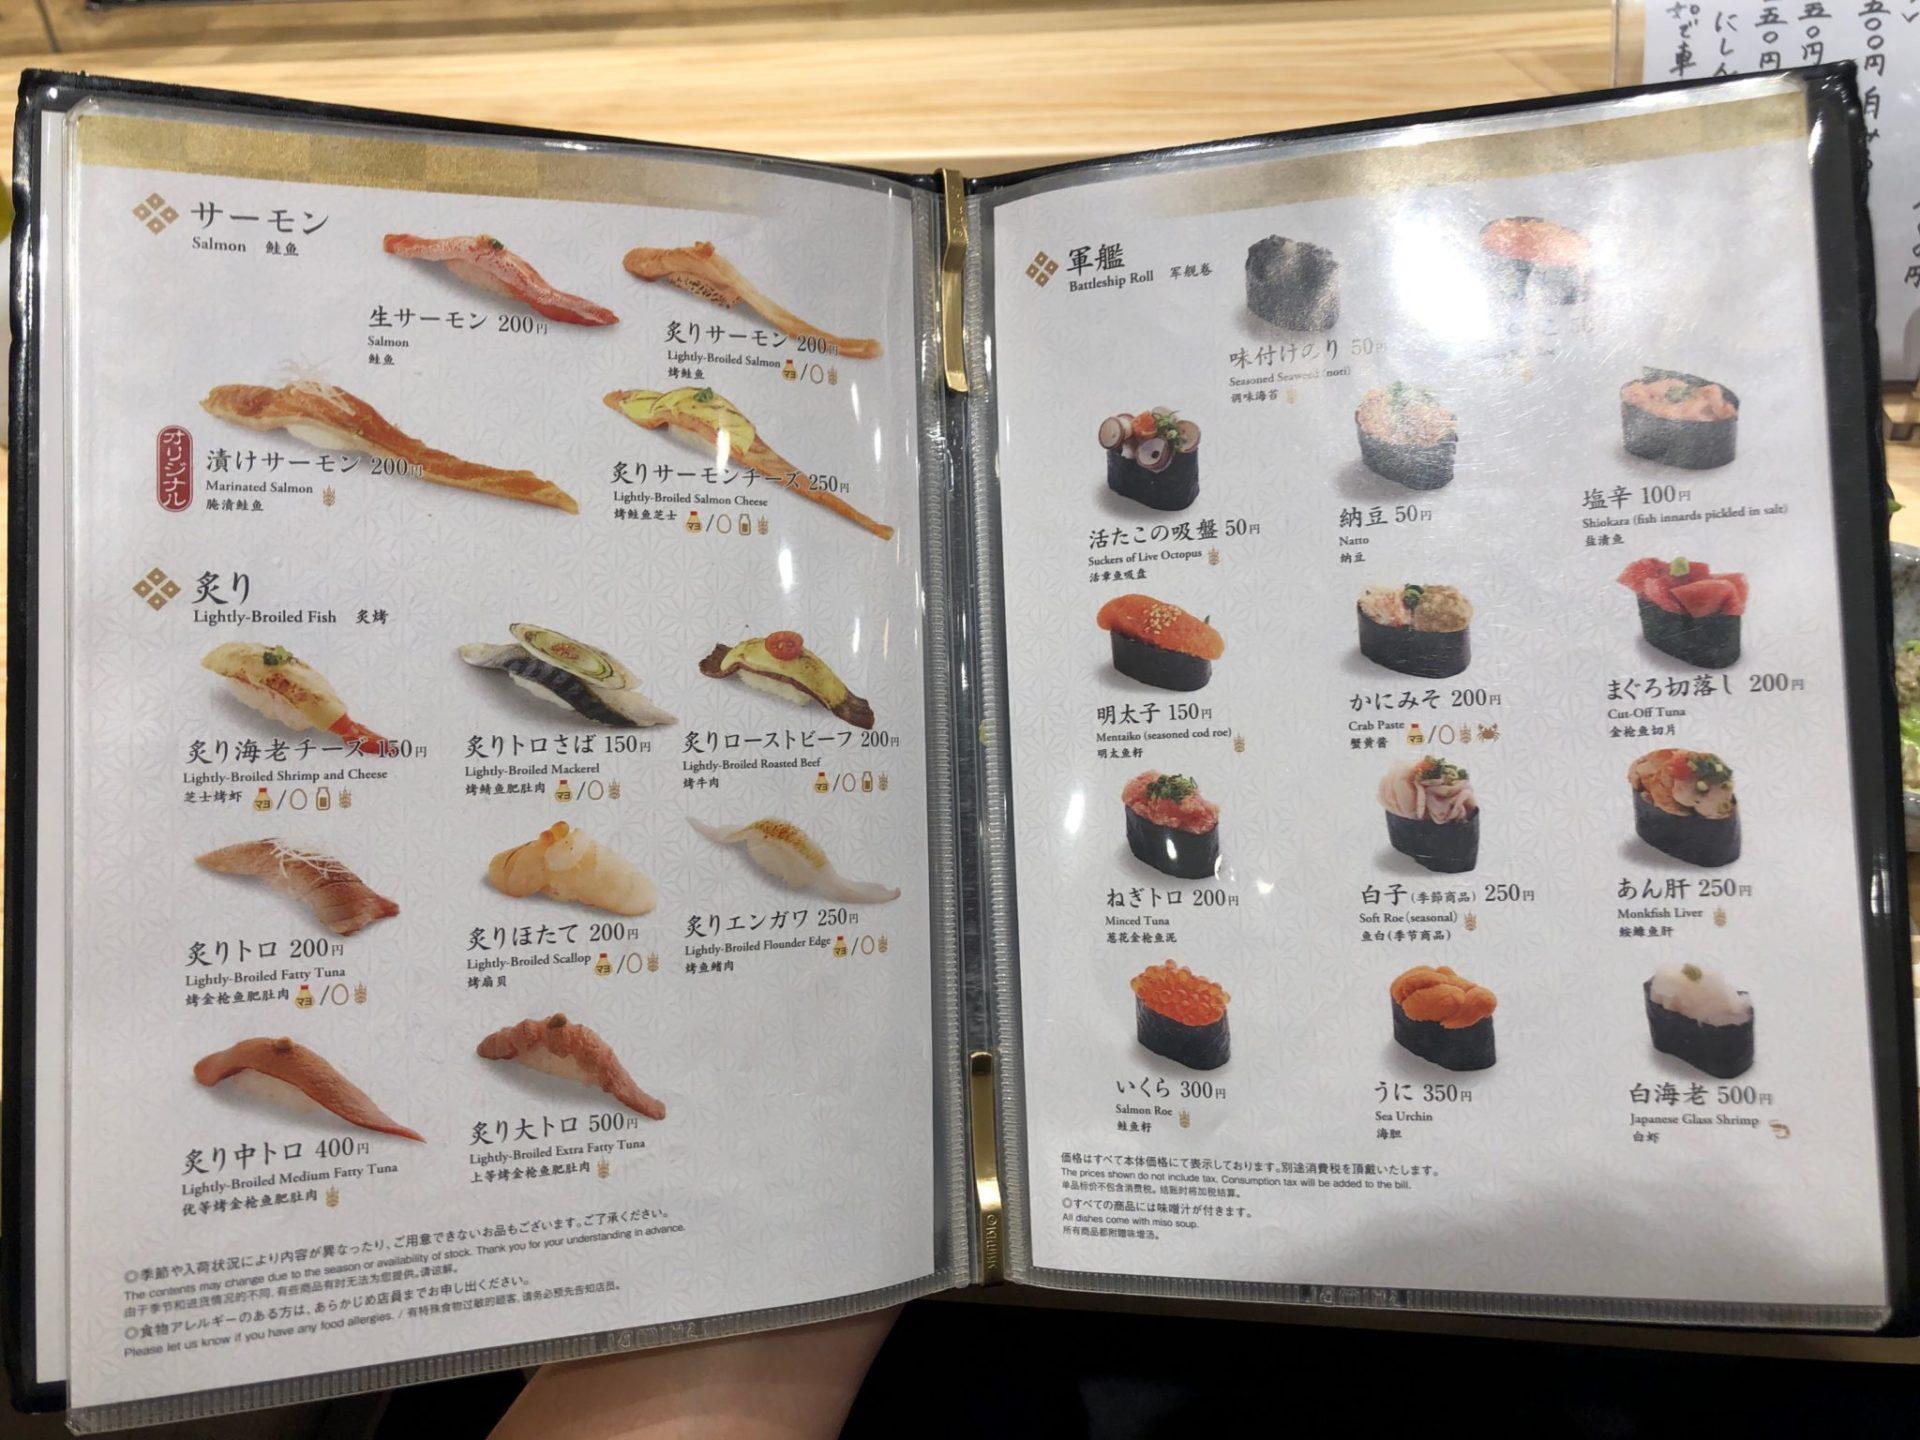 梅ヶ丘の美登利寿司の寿司メニュー